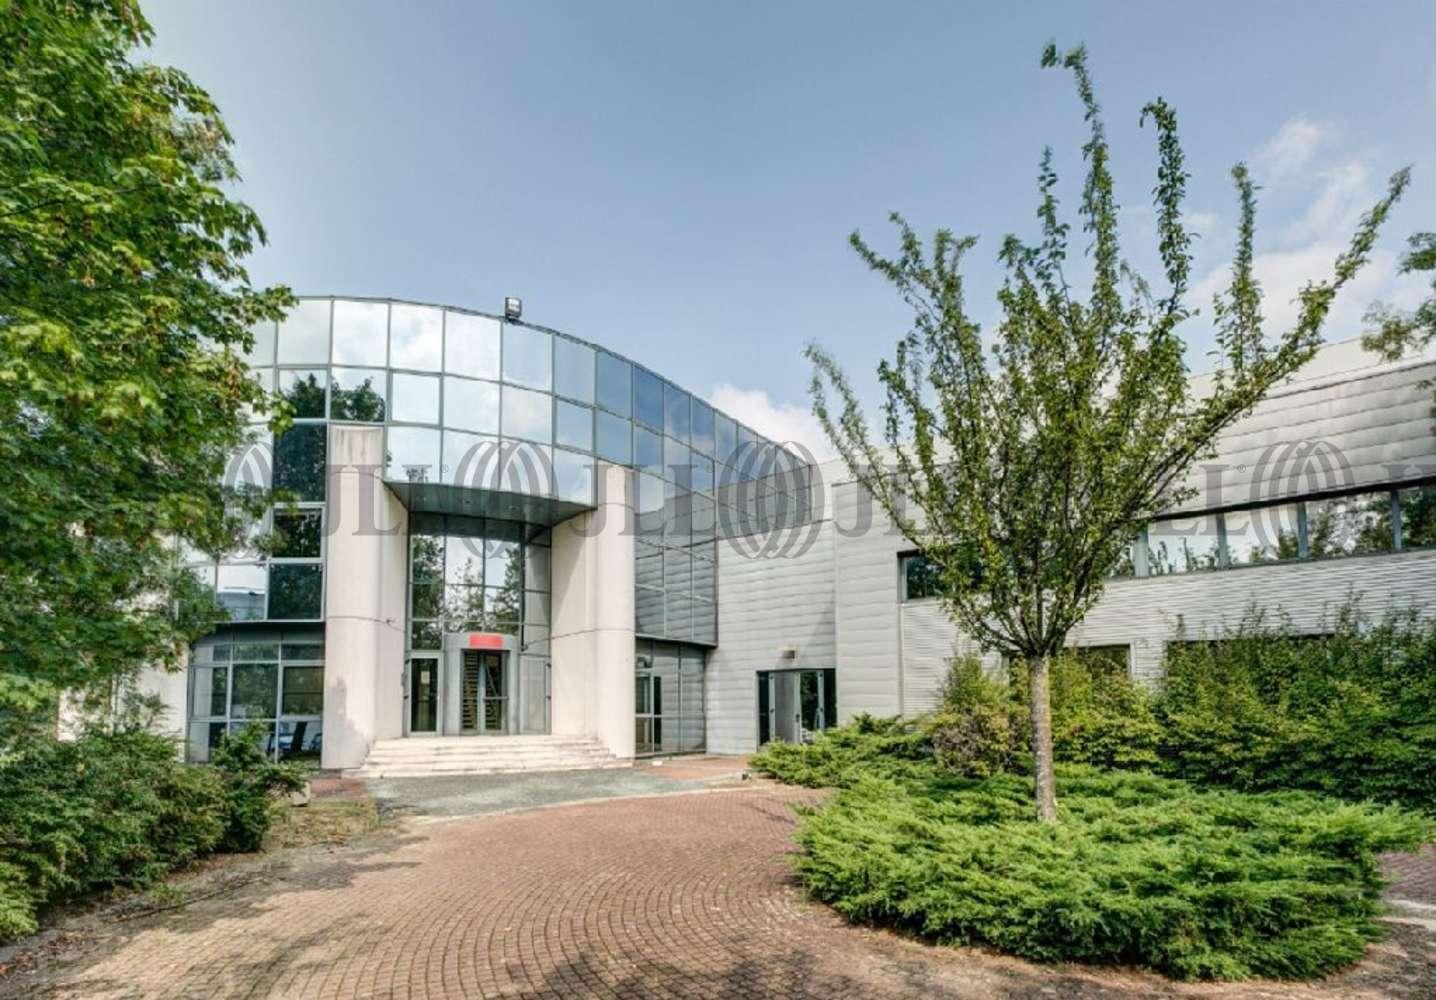 Activités/entrepôt Roissy en france, 95700 - PARIS NORD II